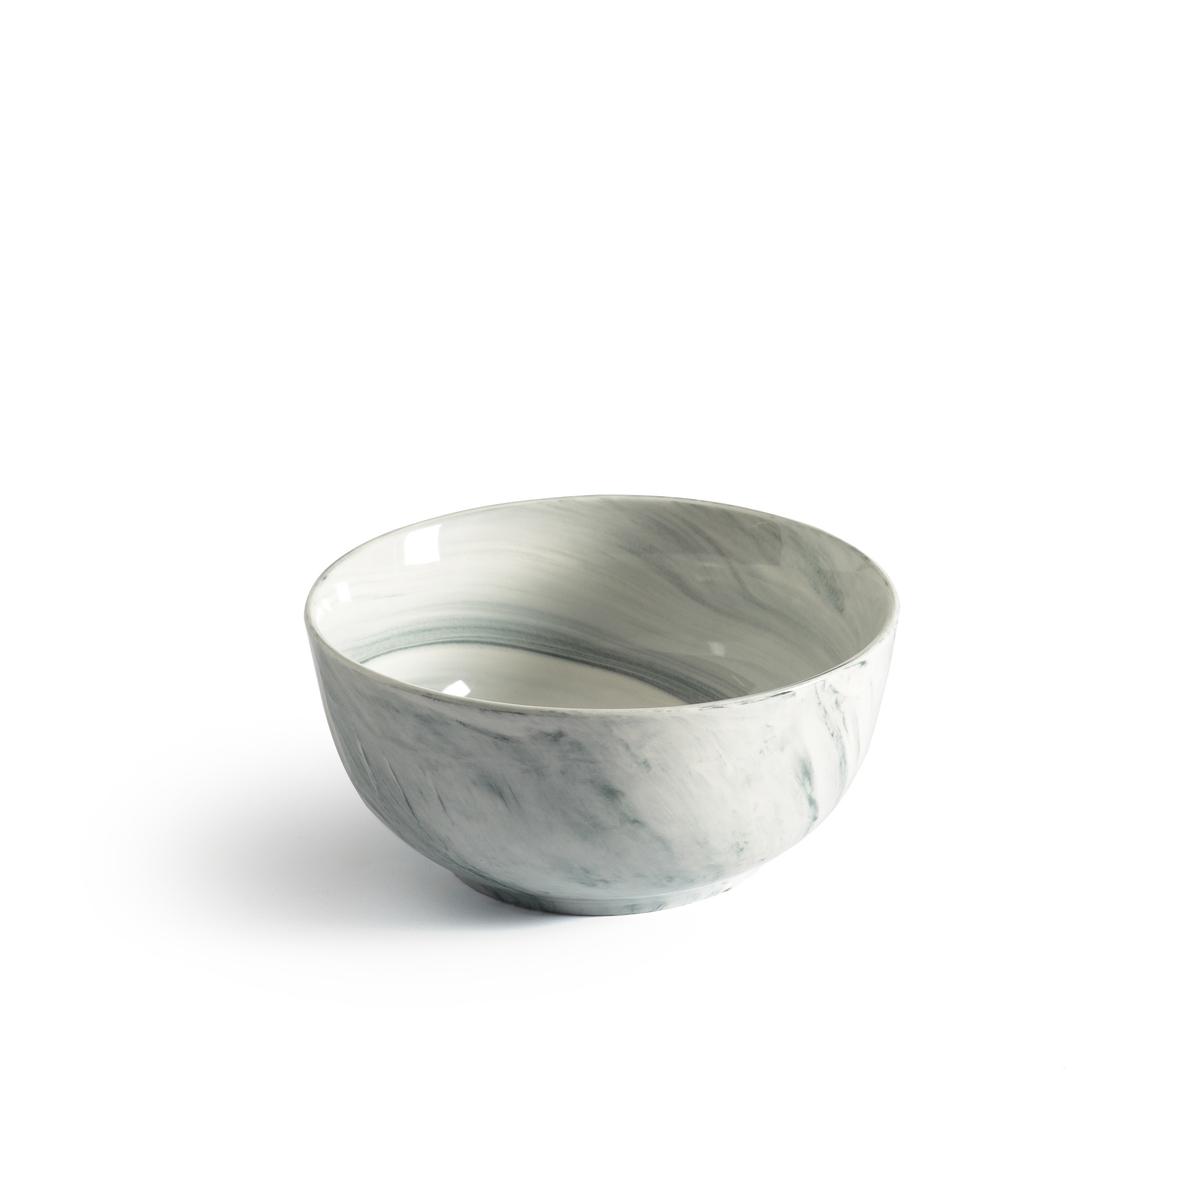 4 чашки с эффектом мрамора Shibori фэн цин тан хорошо белого фарфора делятся на чашки комплекс